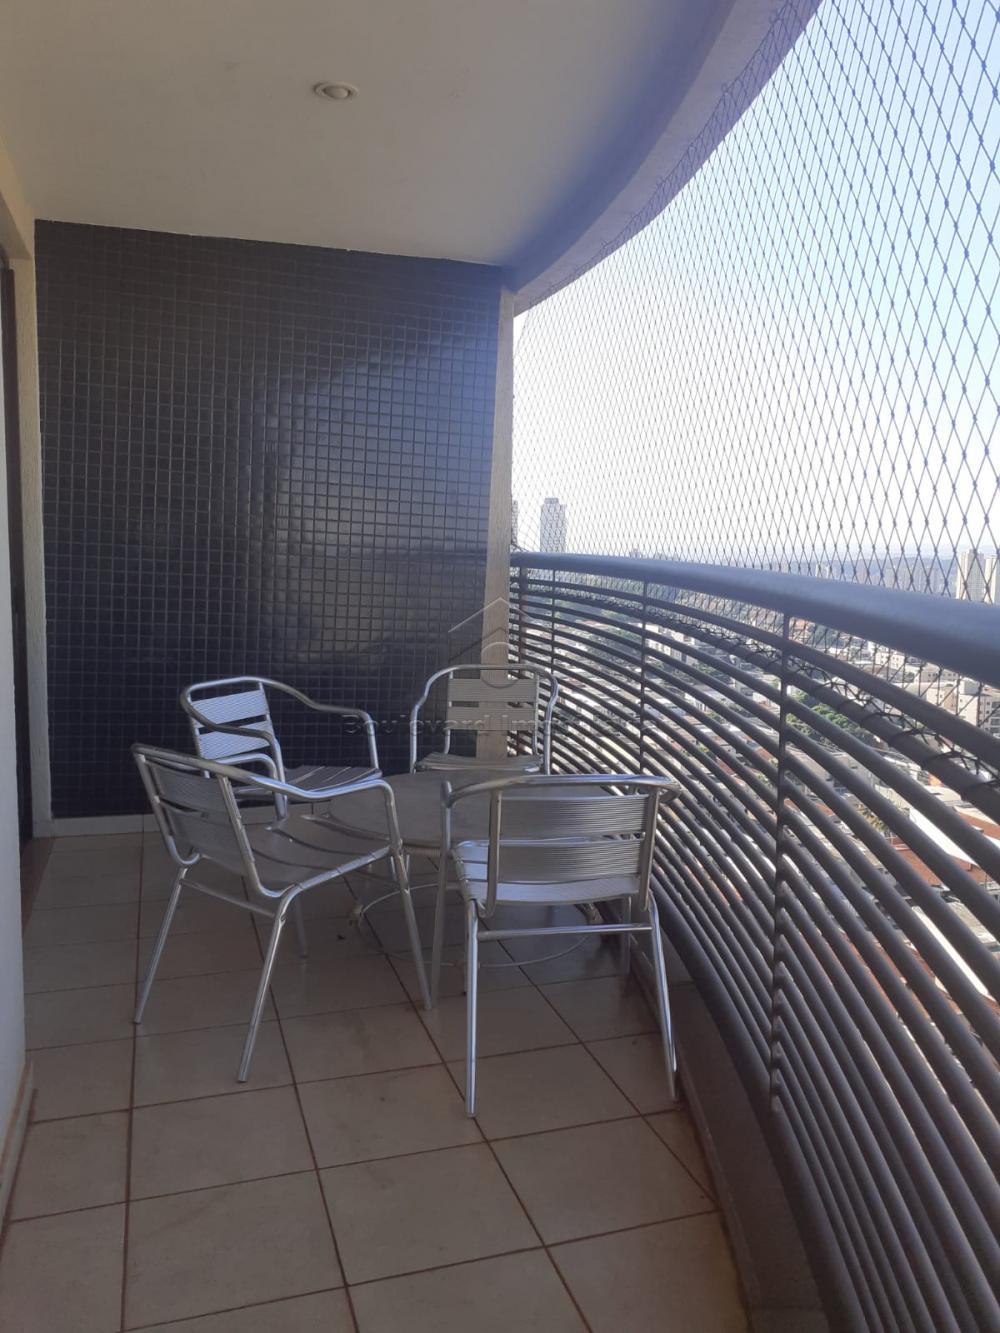 Alugar Apartamento / Padrão em Ribeirão Preto R$ 3.100,00 - Foto 1